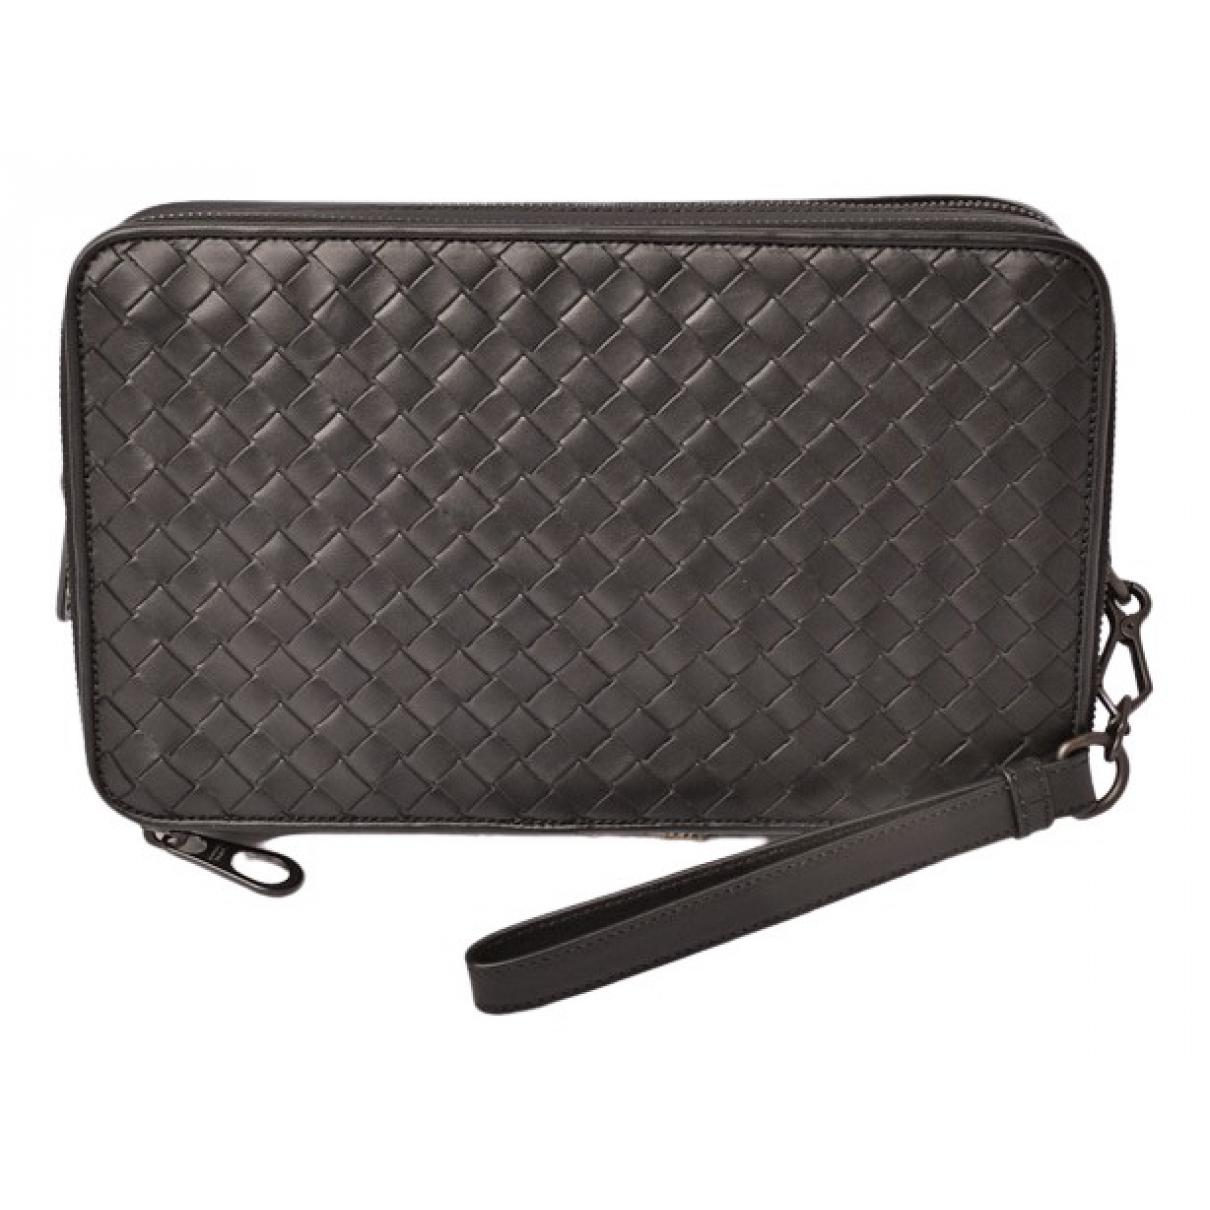 Bottega Veneta \N Black Leather Clutch bag for Women \N